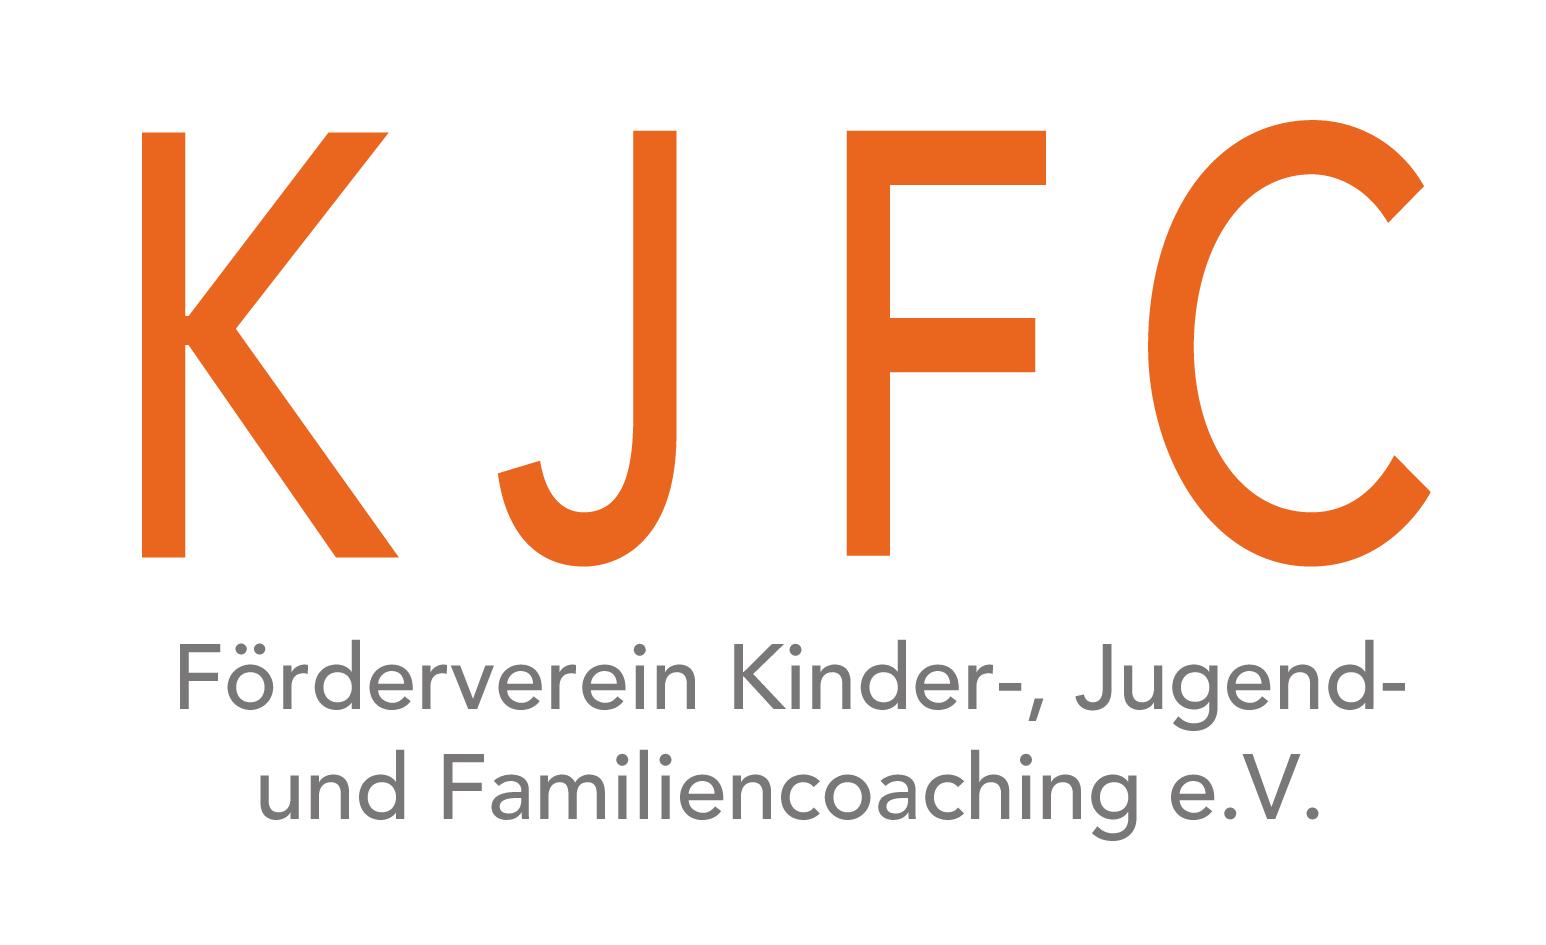 Förderverein Kinder-, Jugend- und Familiencoaching e.V.